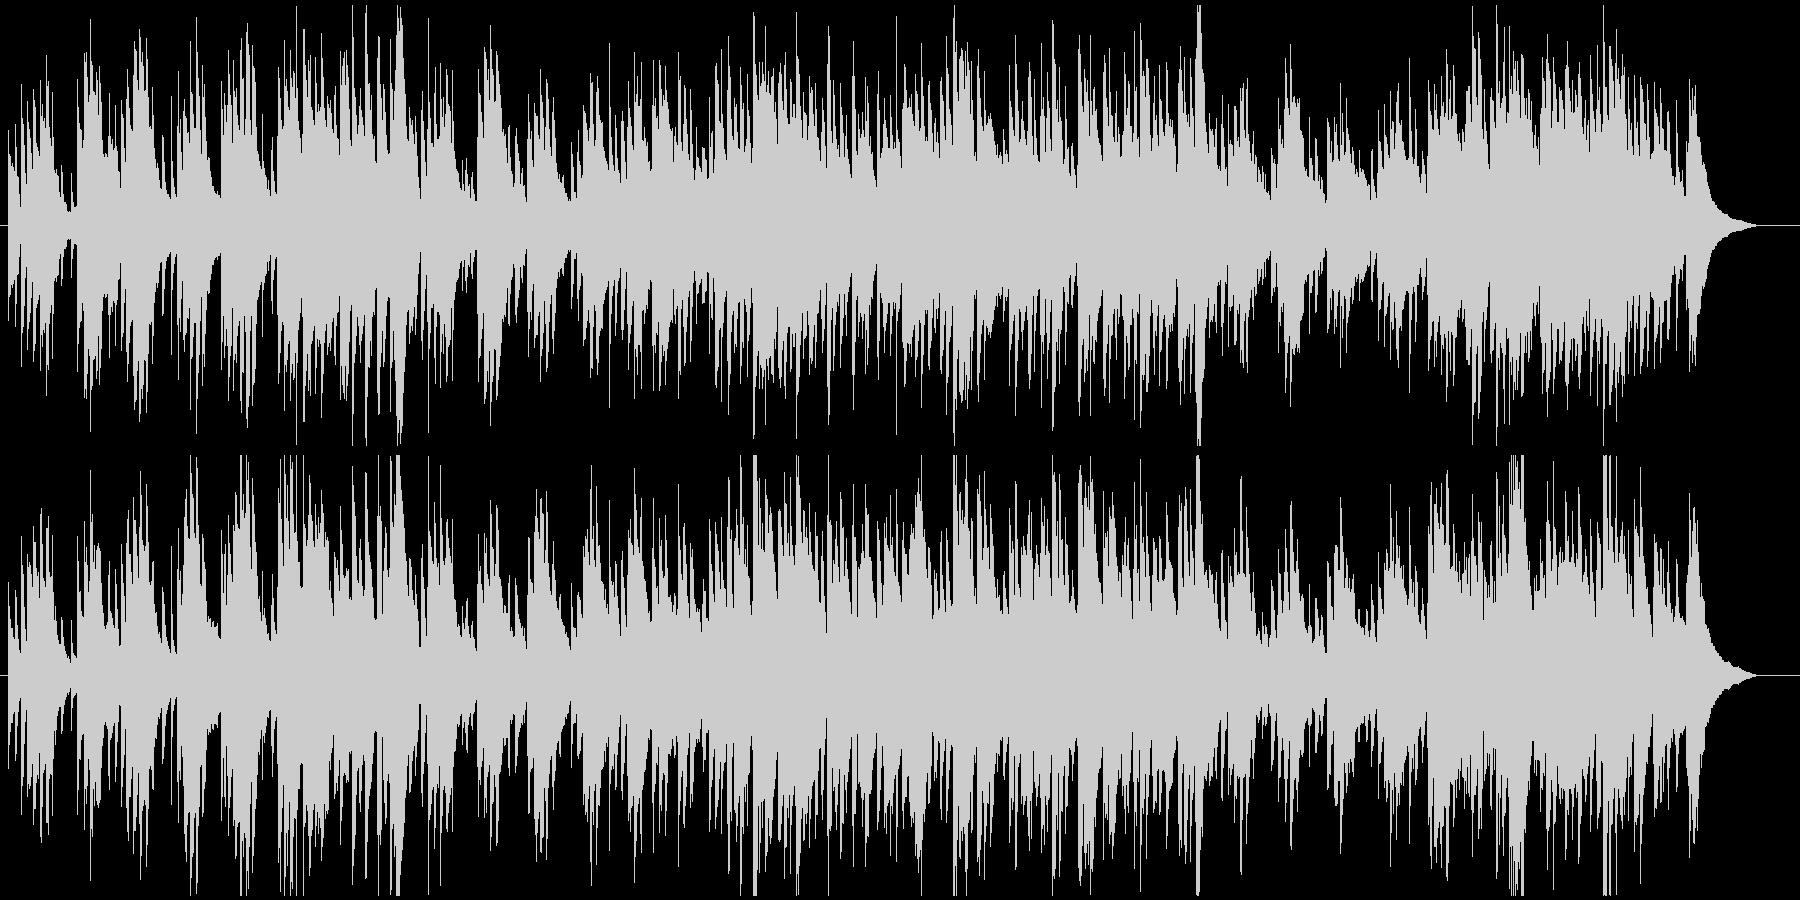 アコースティックギターメインの優しい曲の未再生の波形